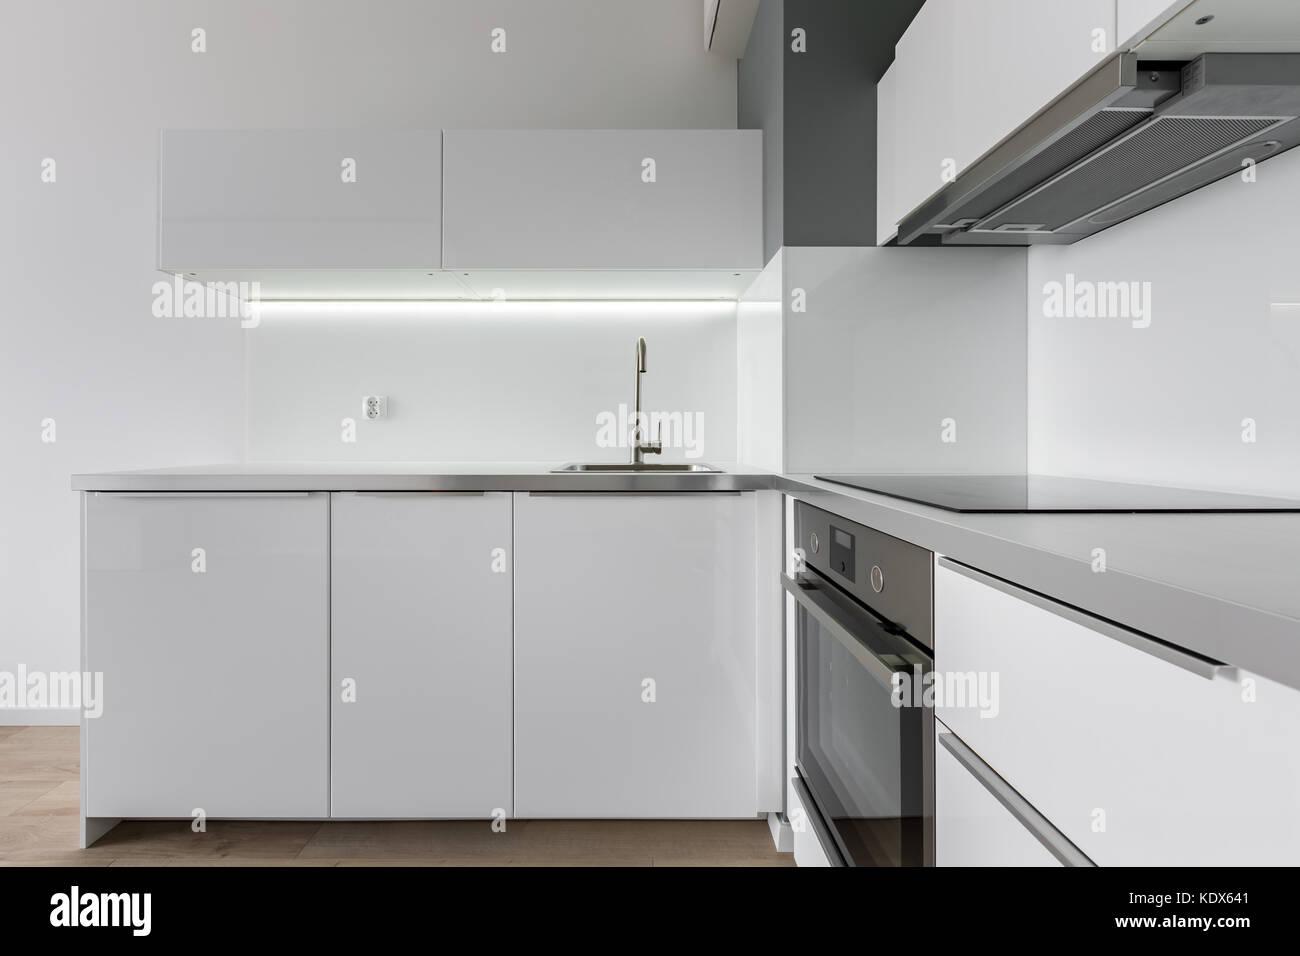 Cocina moderna con muebles blancos, encimera, fregadero, horno y ...